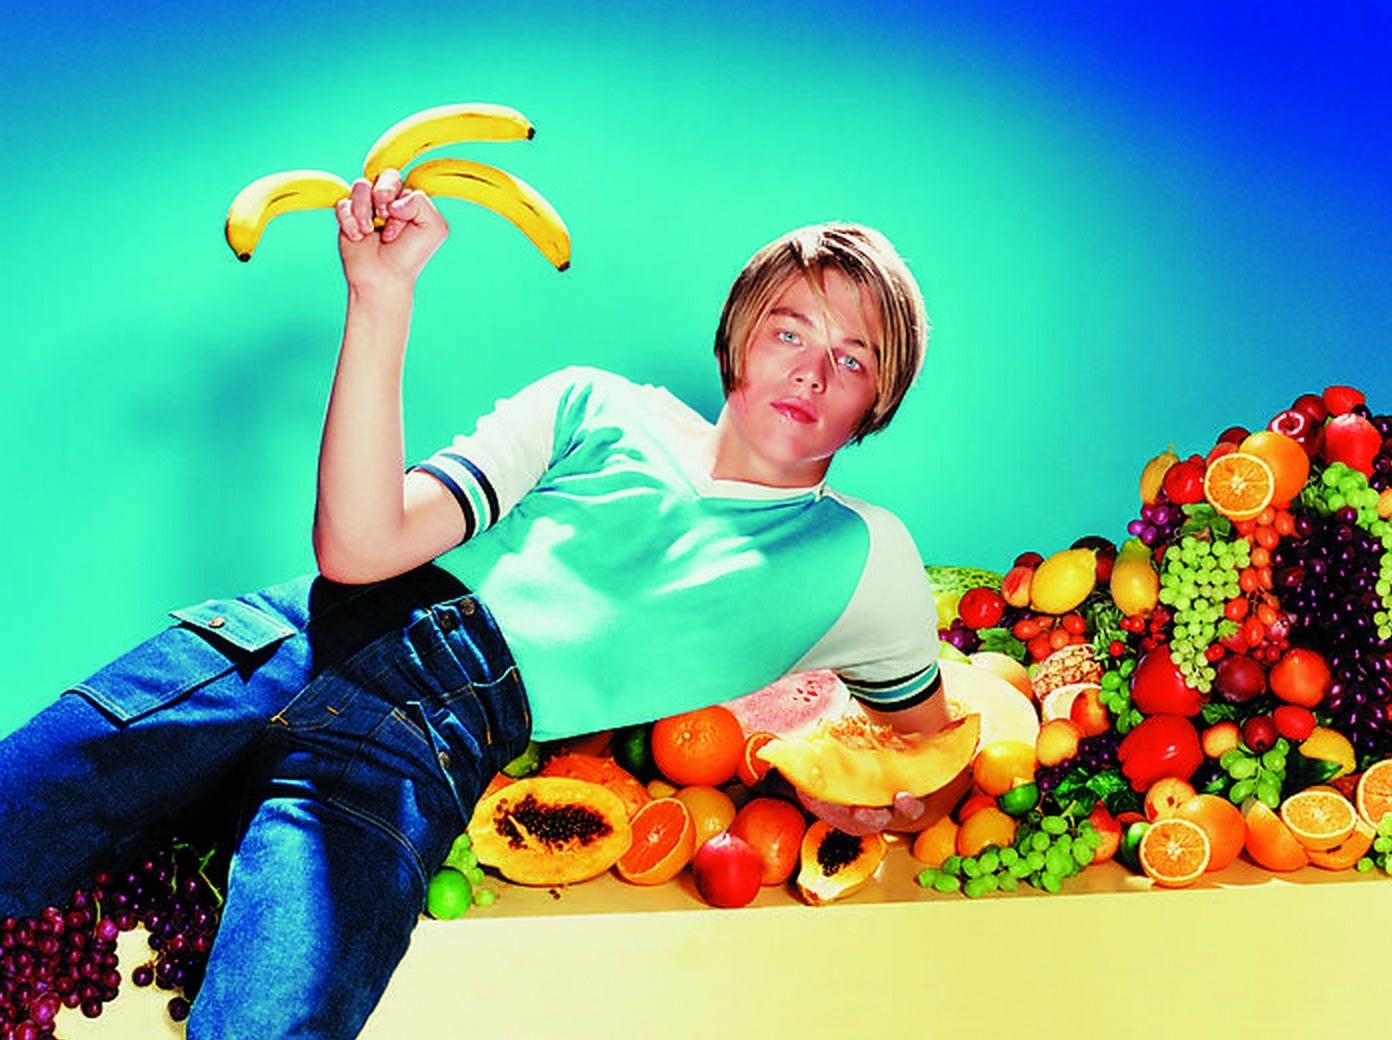 Leonardo DiCaprio's awkward pose with a banana.